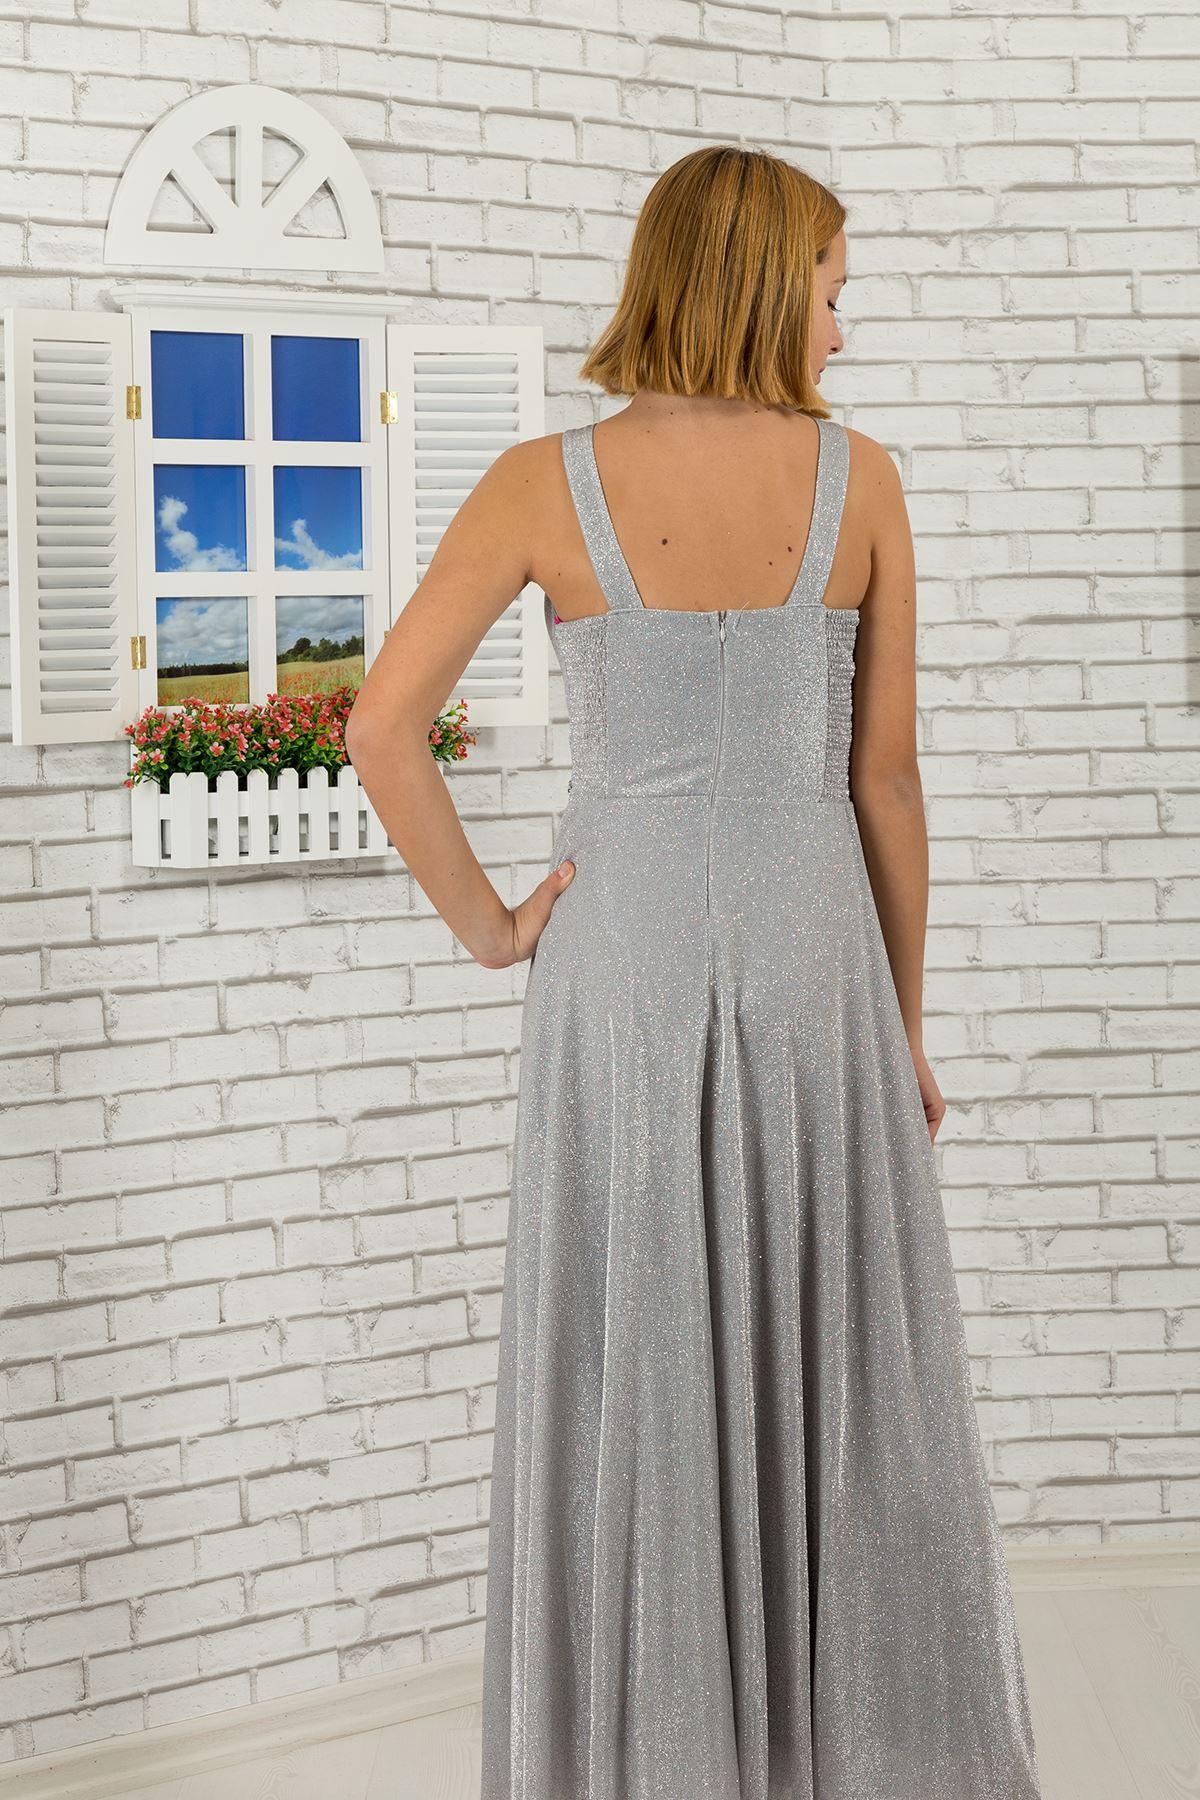 Πέτρα μέσης και λαιμών λεπτομερής, ασημένιο φόρεμα βραδιού παιδιών κοριτσιών υφάσματος 469 γκρίζο